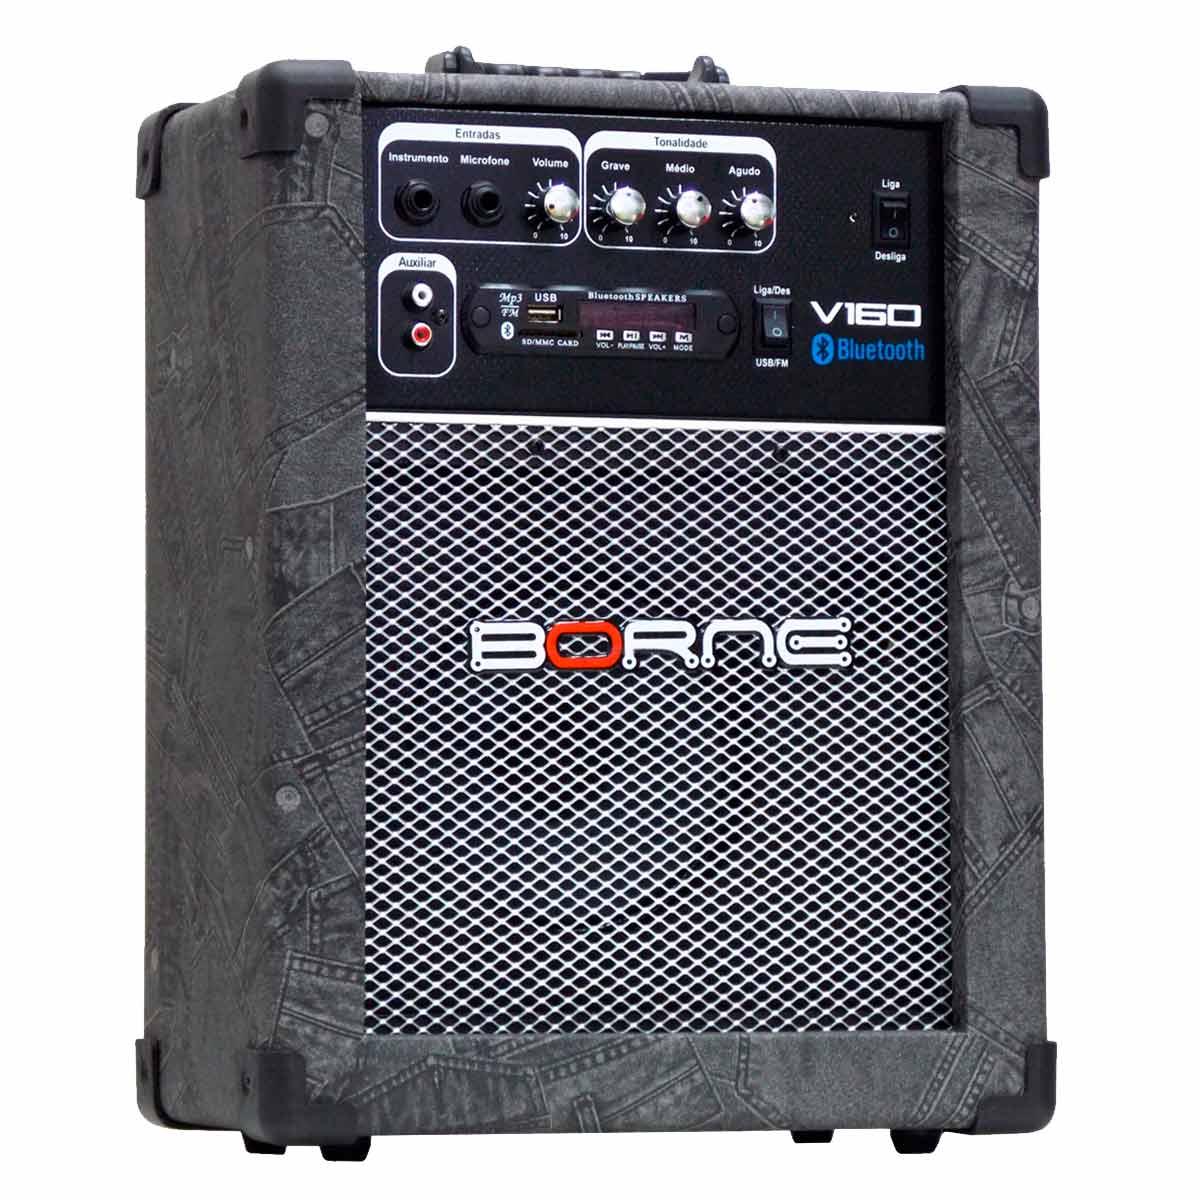 Cubo Multiuso 40W c/ Bluetooth e USB Multimídia V 160 BT Jeans - Borne